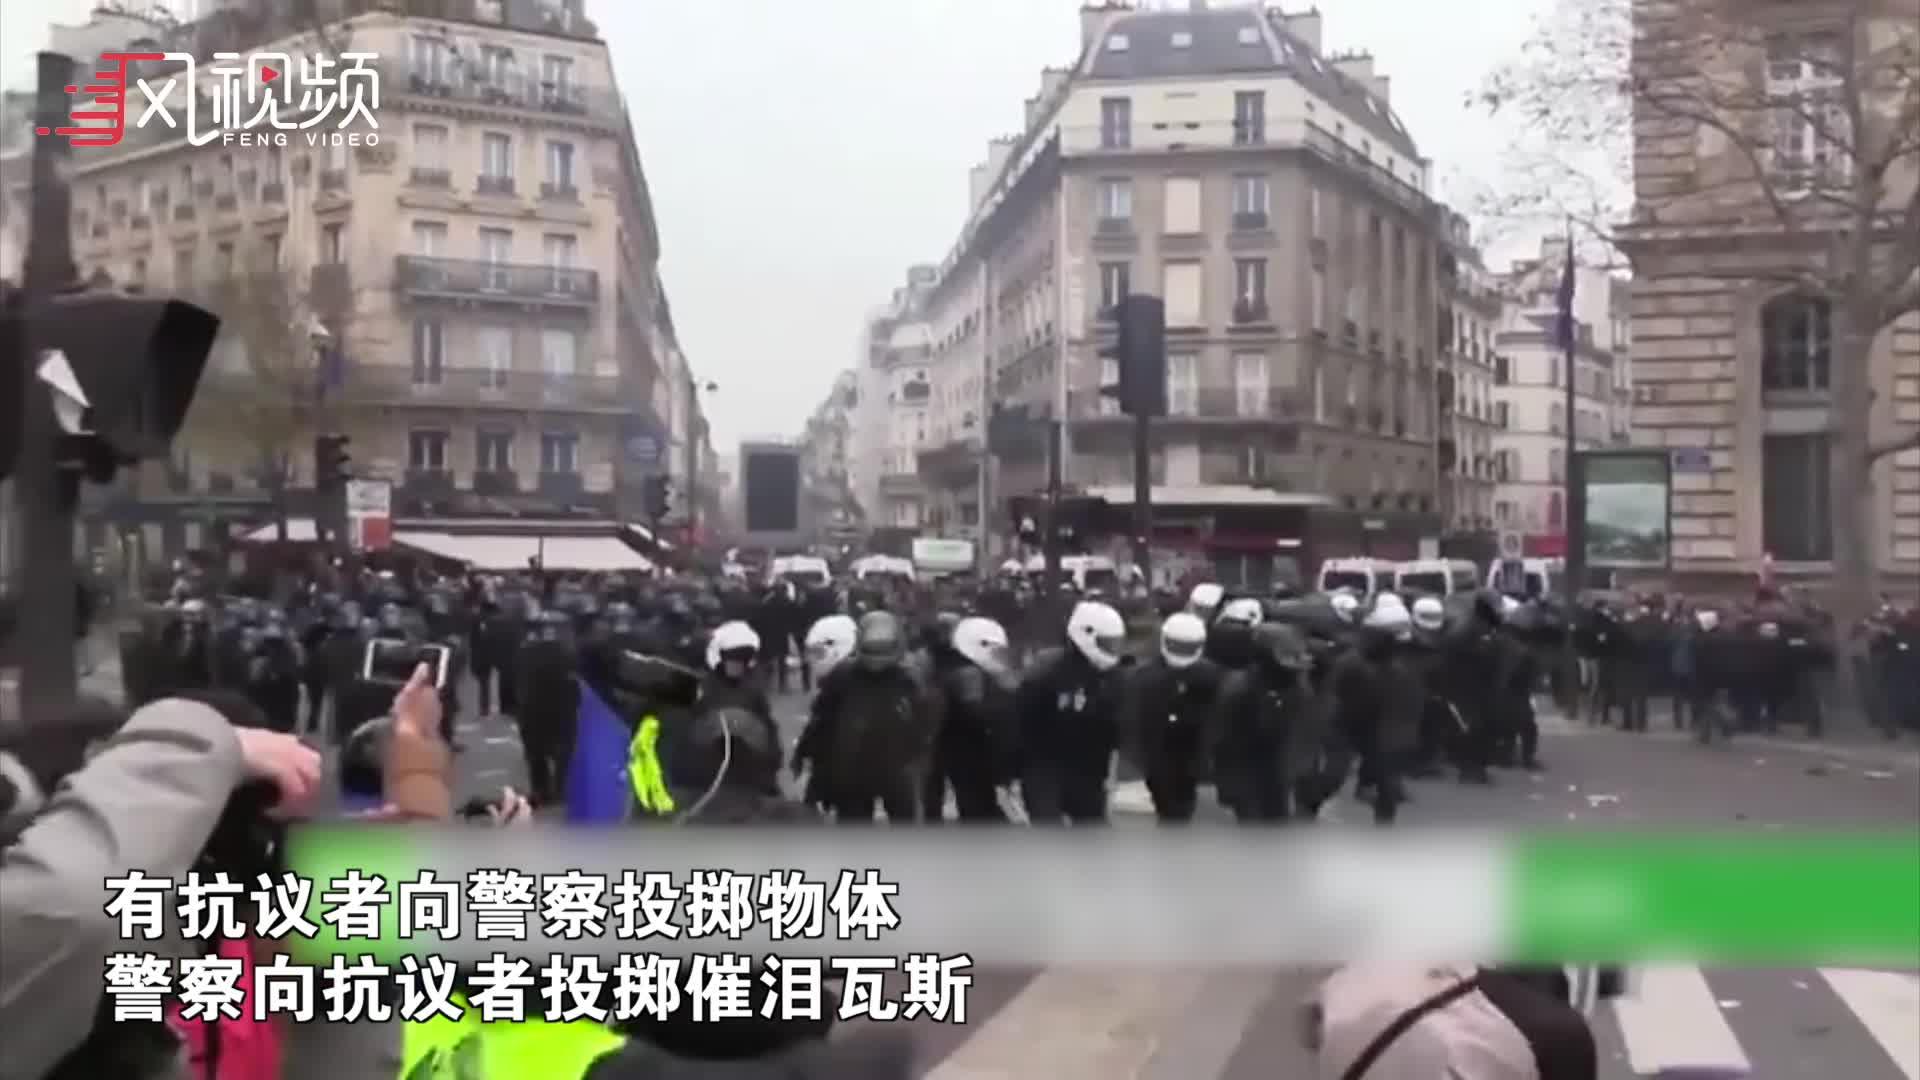 法国无限期全国大罢工 防暴警察与示威者持续冲突